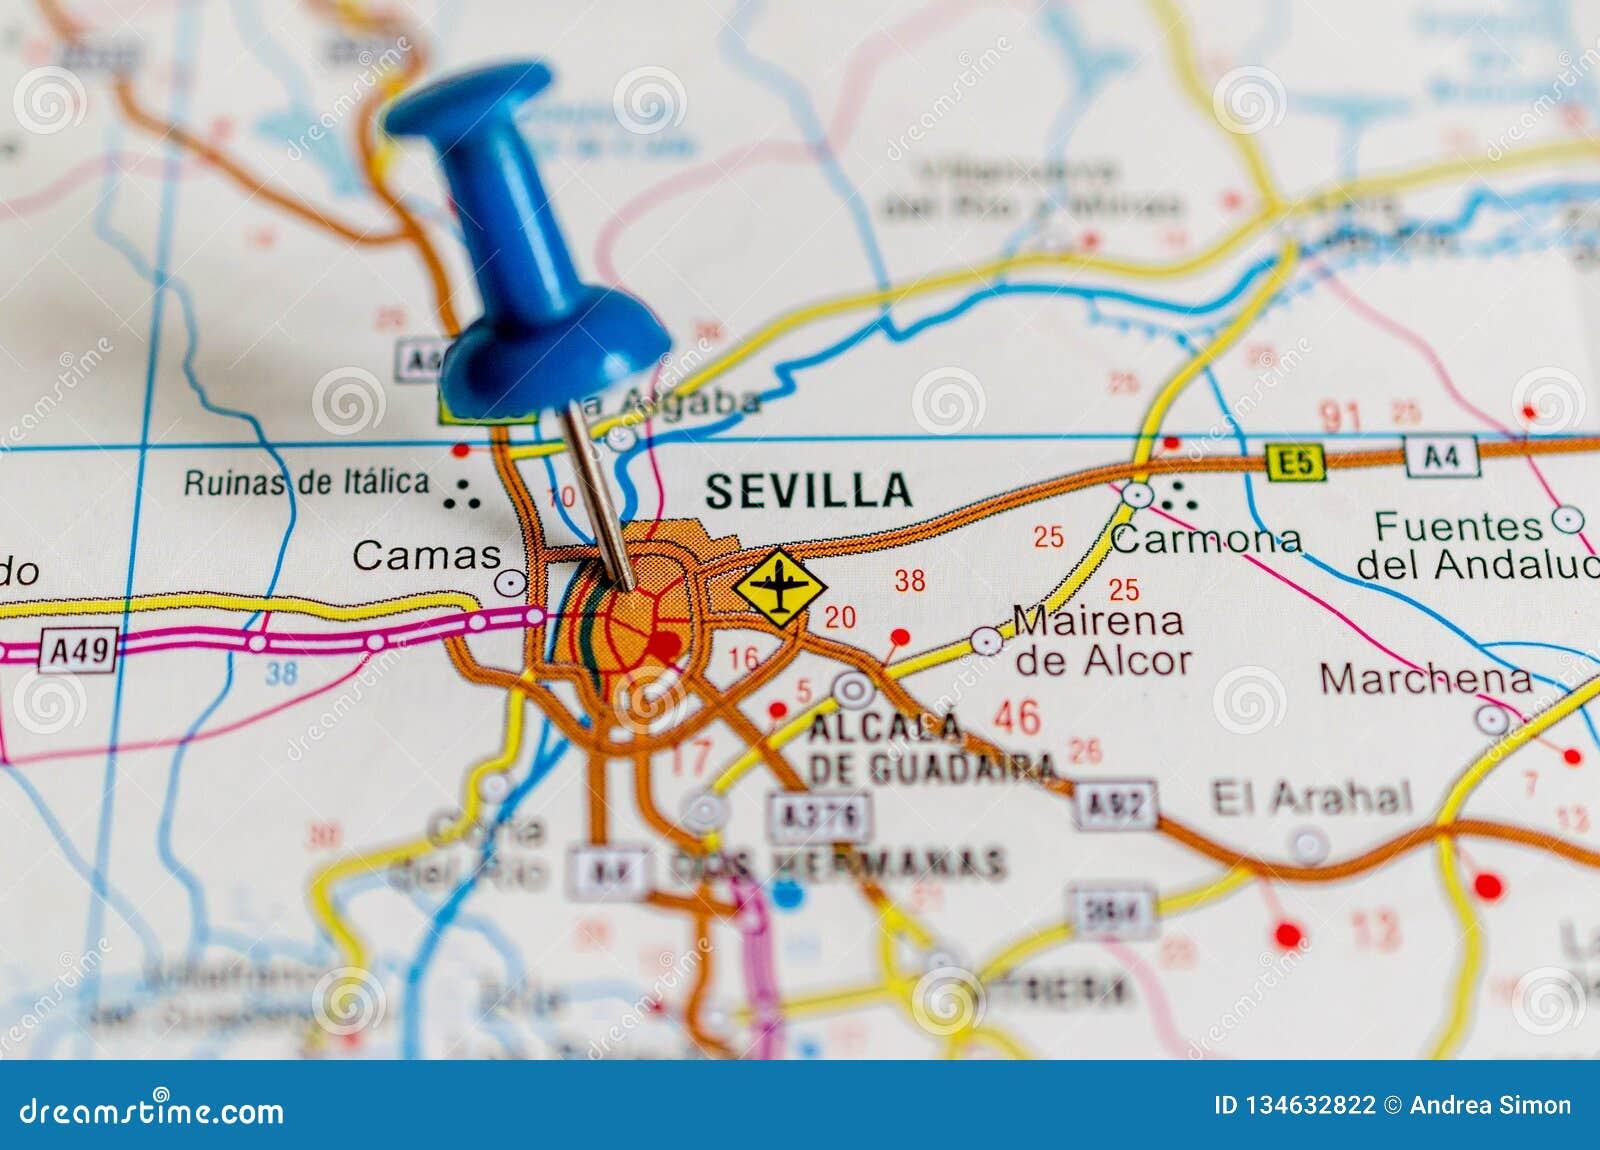 Sevilha No Mapa Foto De Stock Imagem De Beiras Macro 134632822